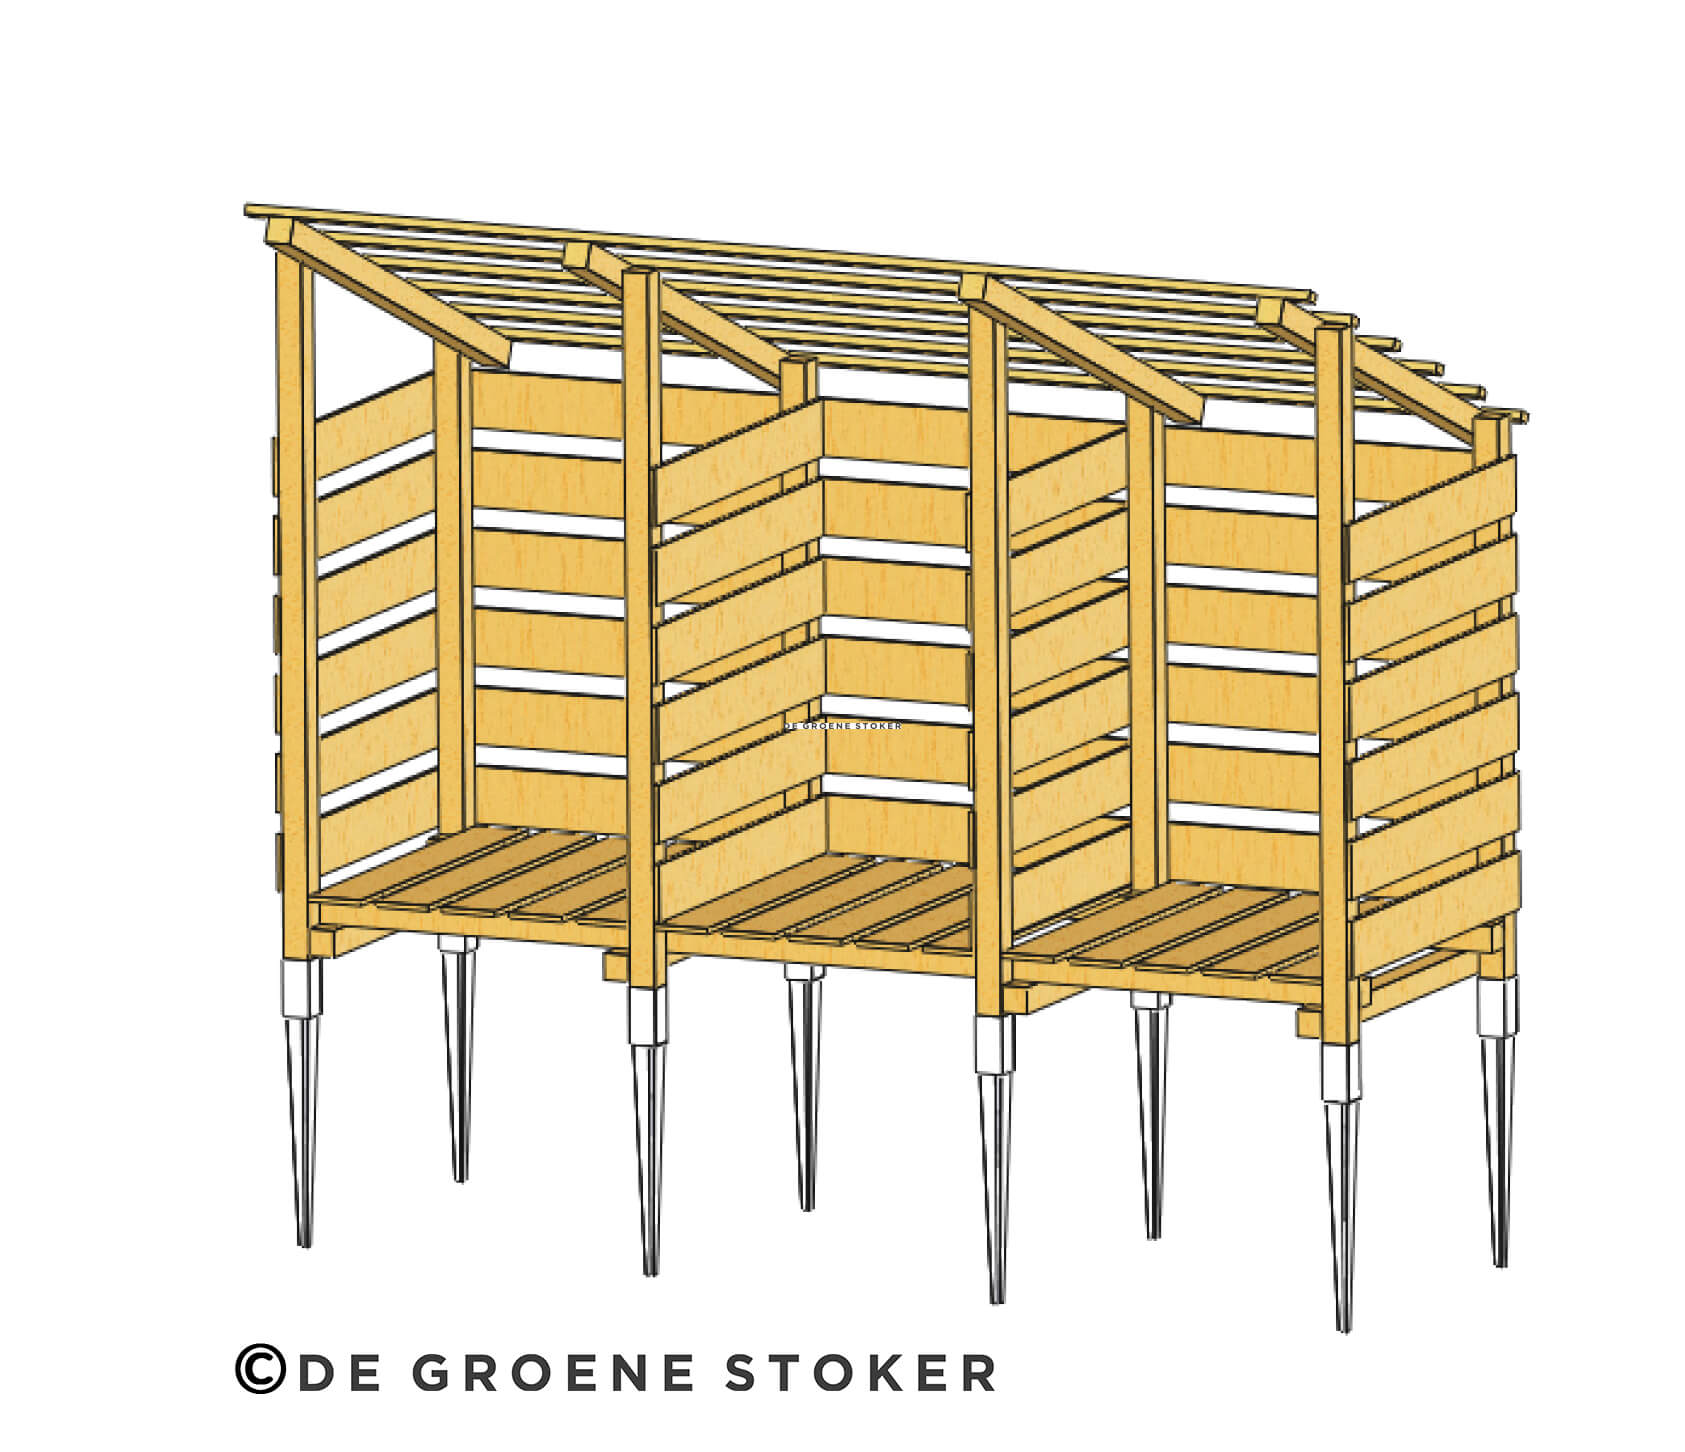 Het belang van droog hout; download de tekening voor je eigen ideale houtopslag